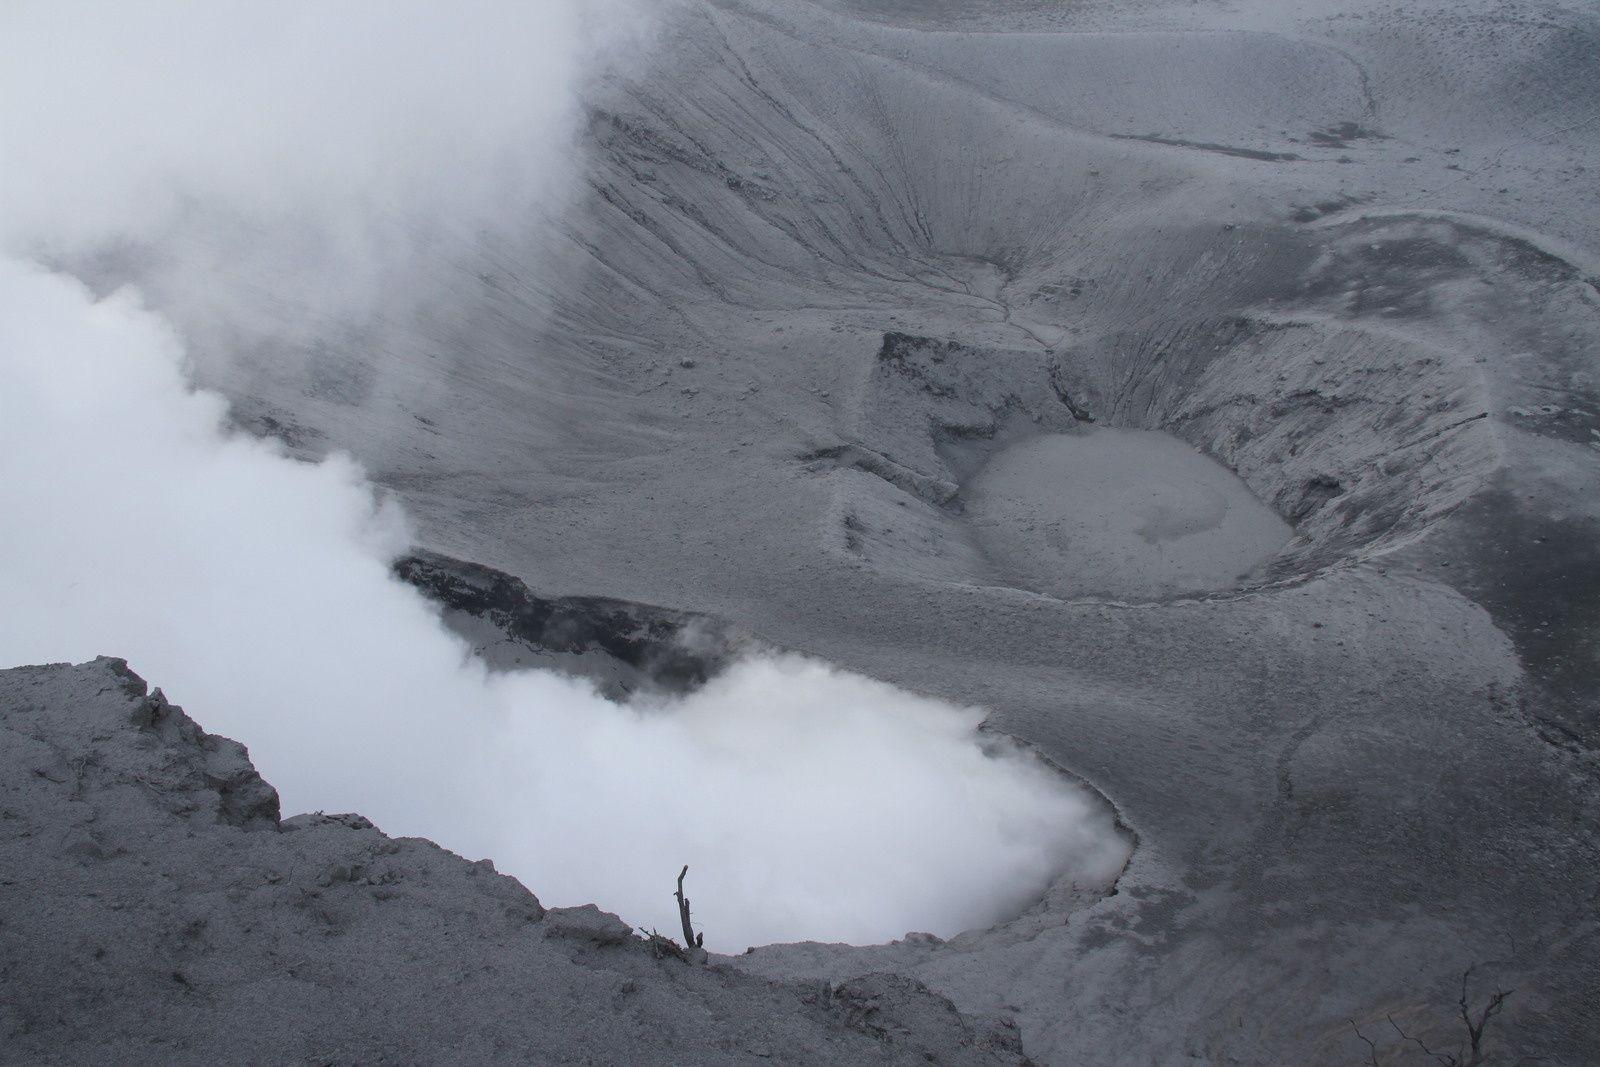 Vue plongeante sur un paysage en noir et blanc.